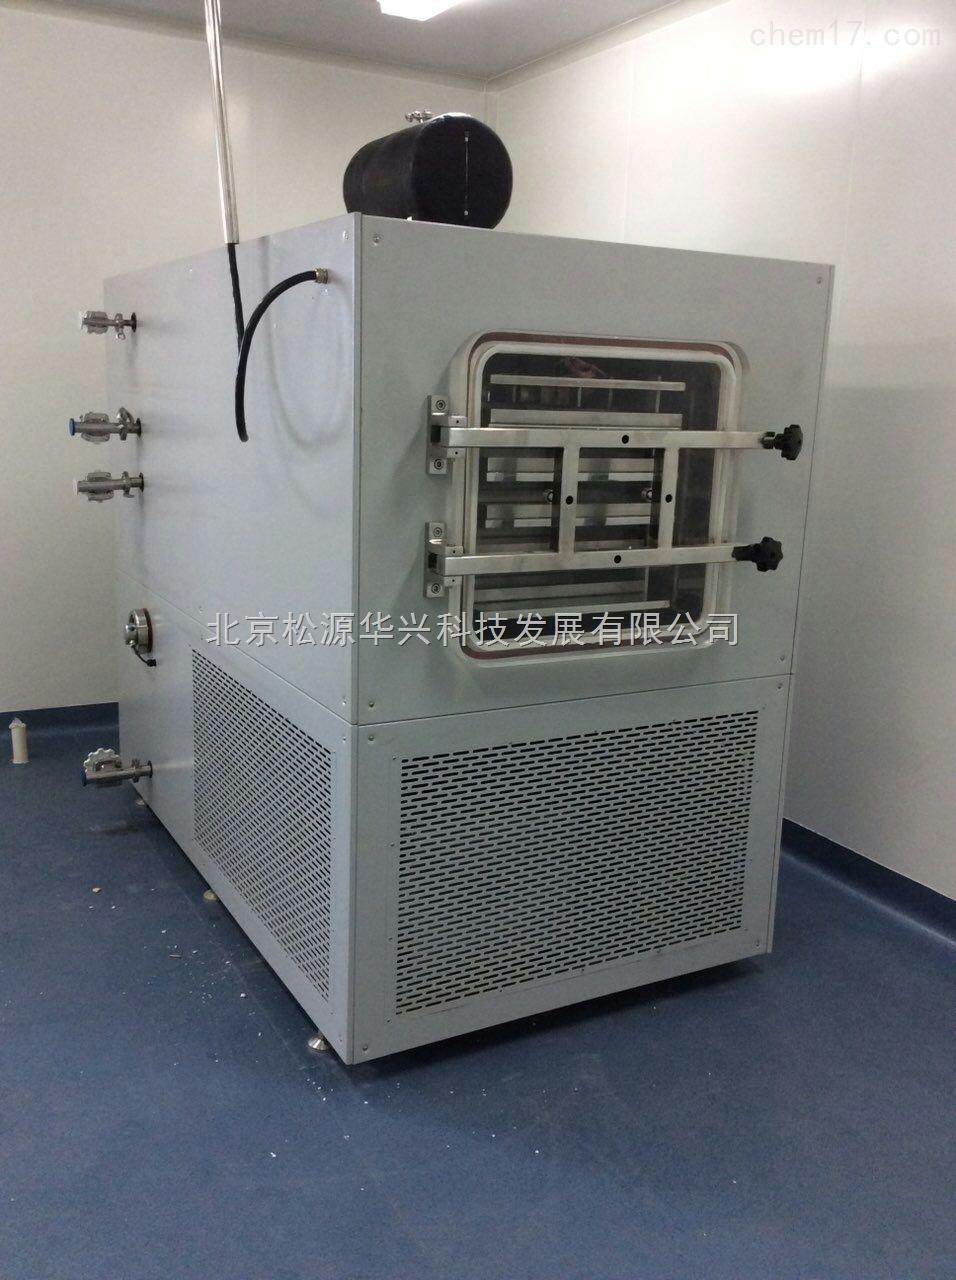 LGJ-200F冷冻干燥机